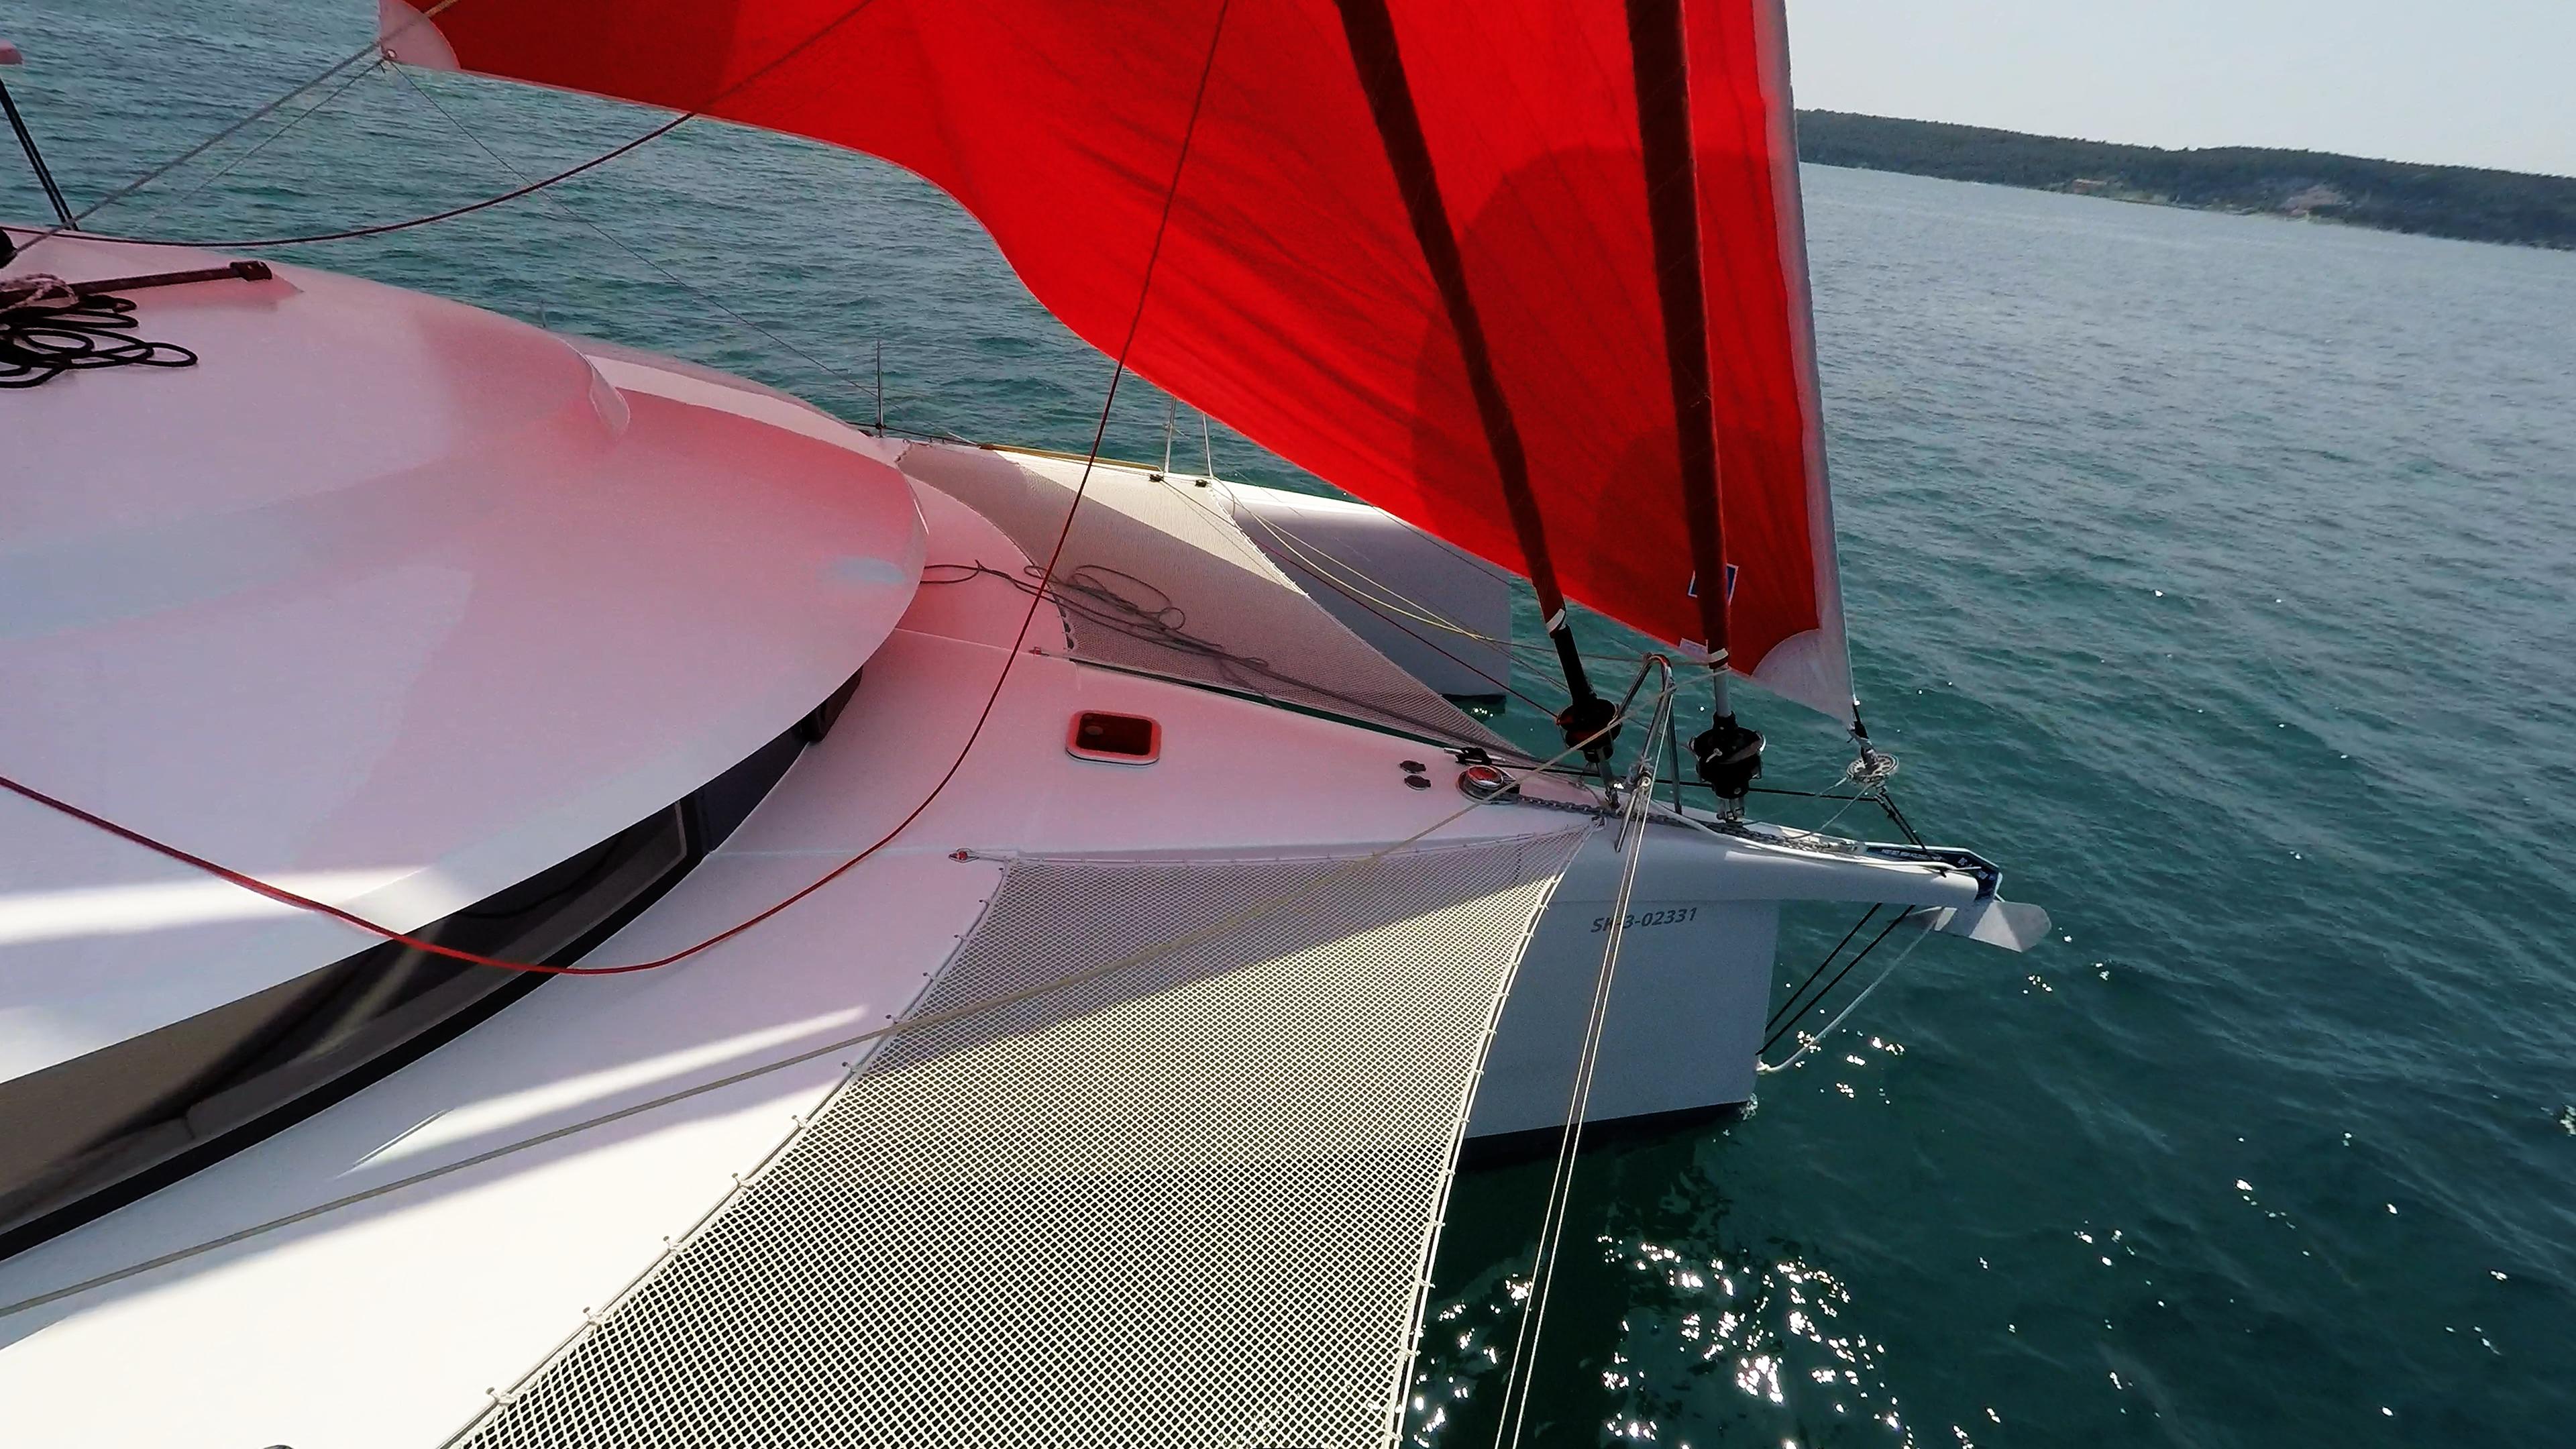 prua di trimarano  yacht con gennaker